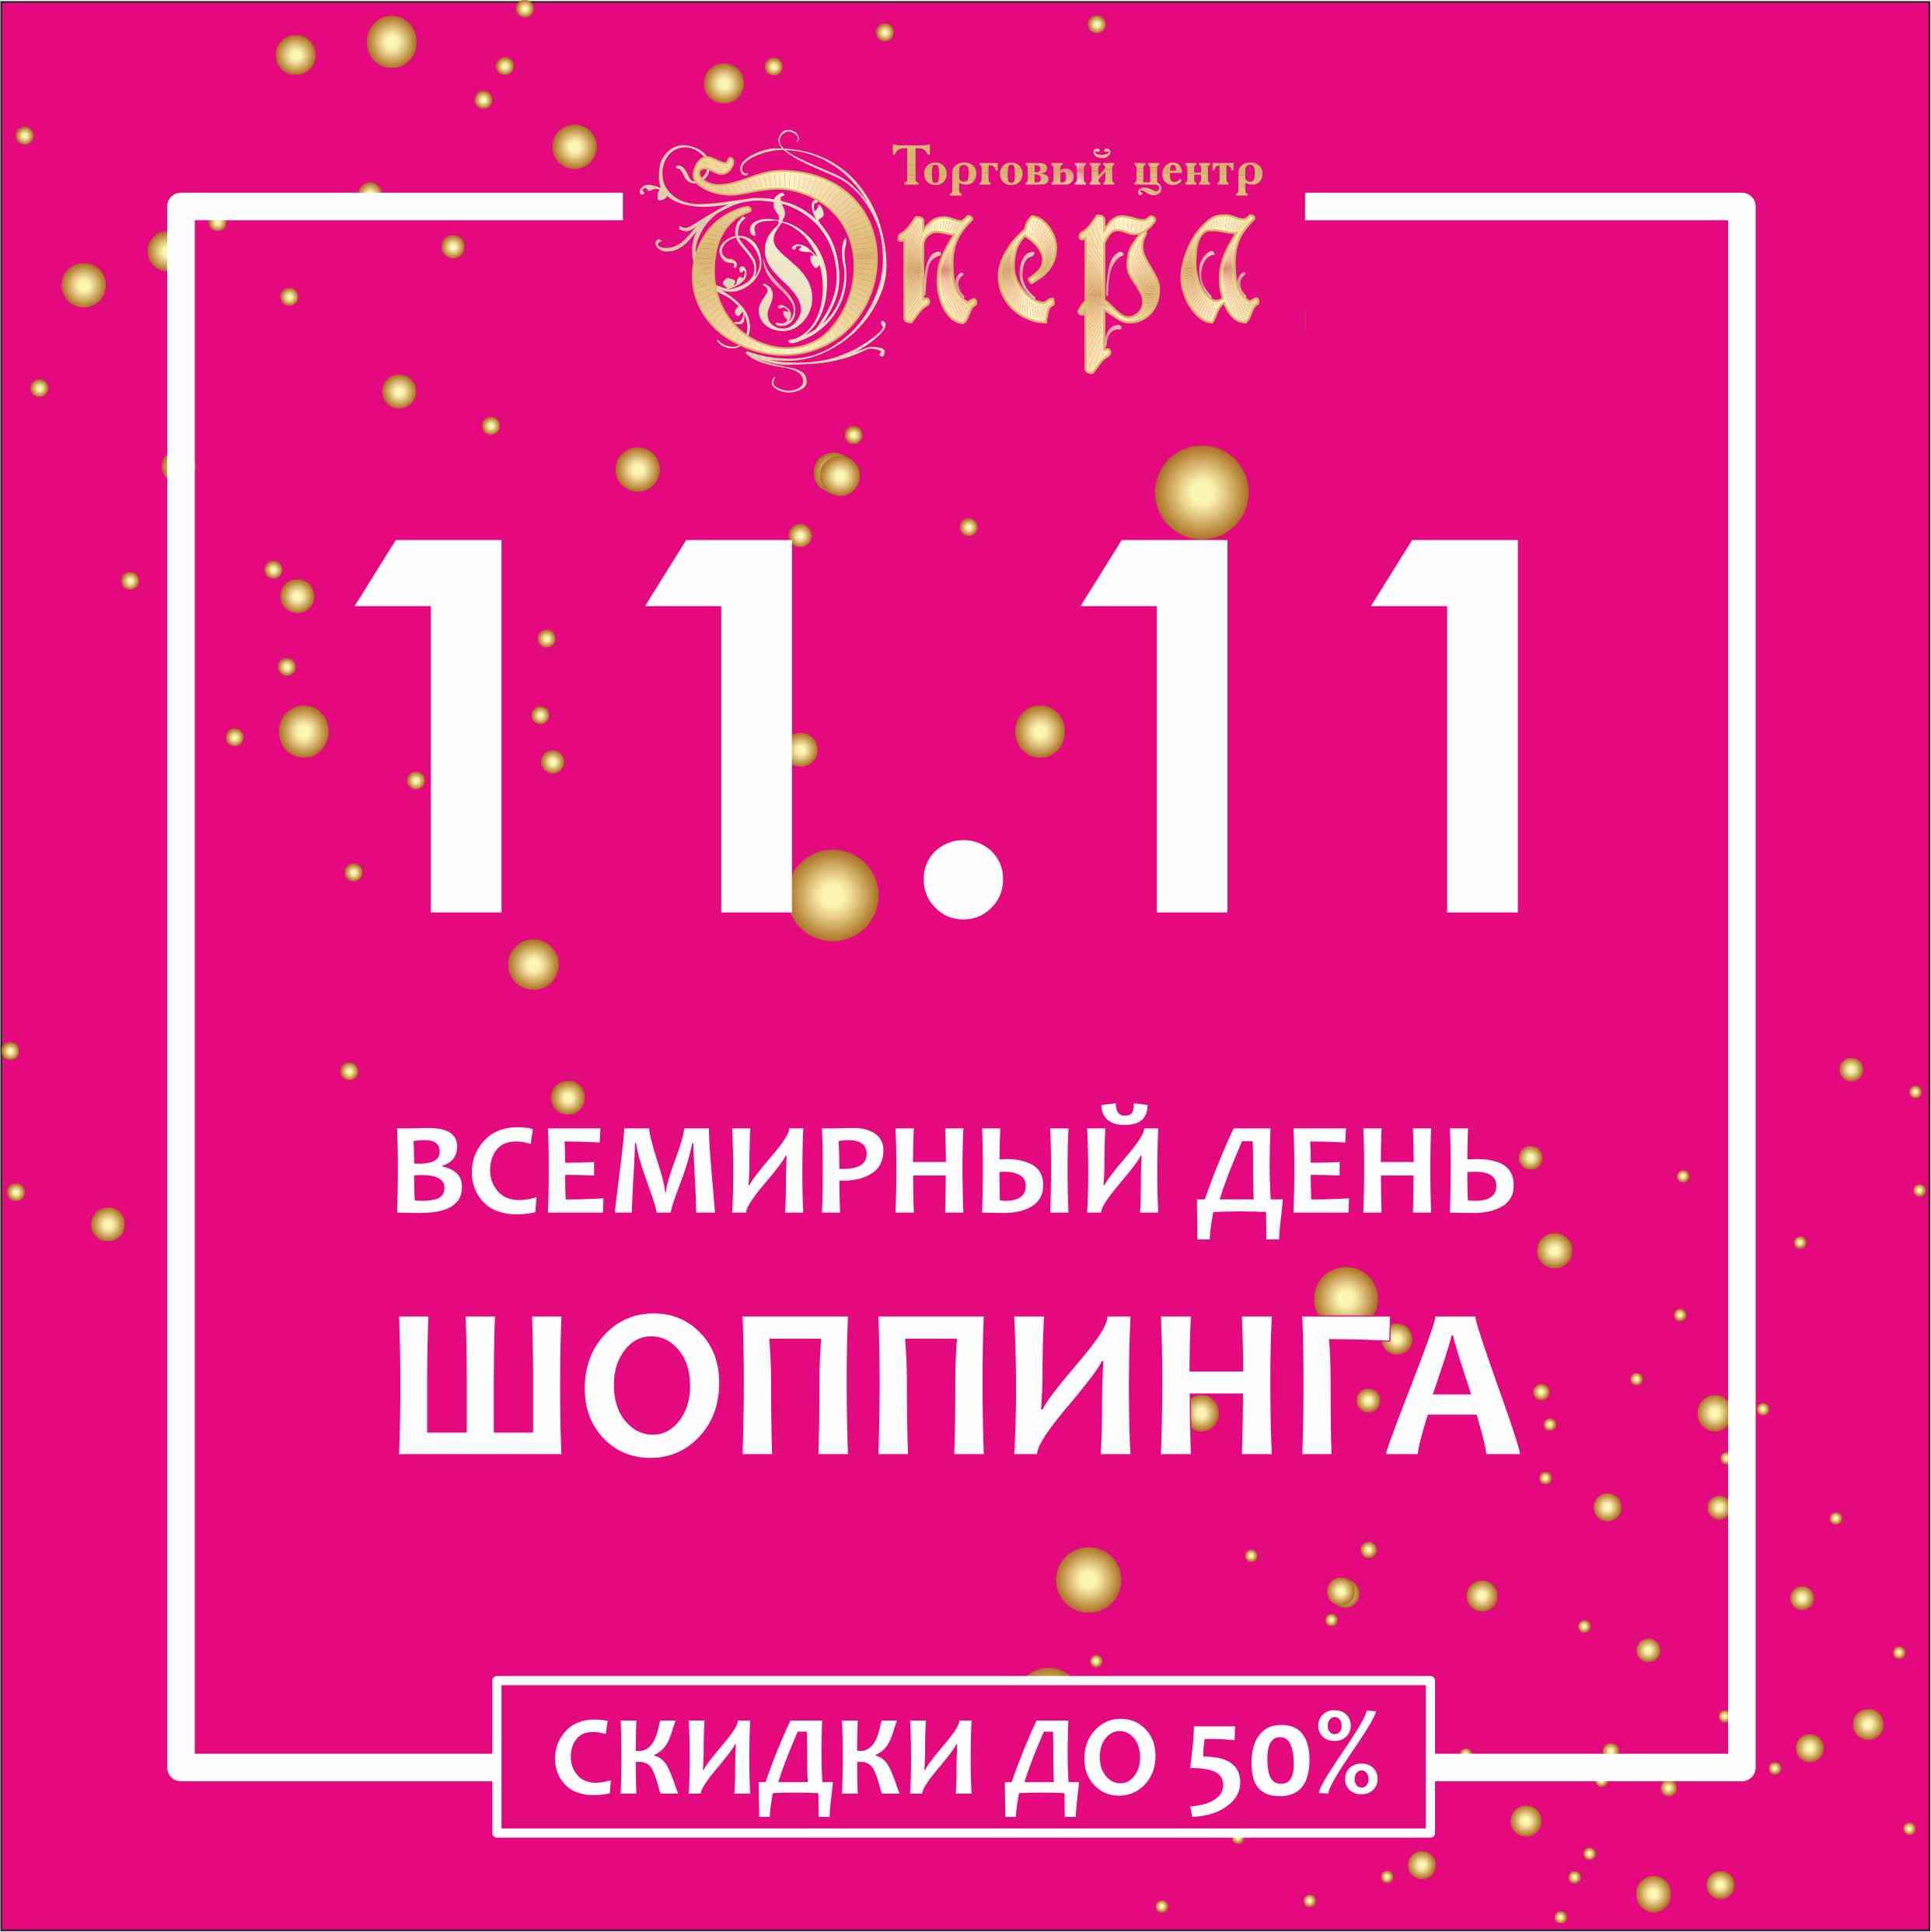 11.11. ВСЕМИРНЫЙ ДЕНЬ ШОППИНГА в Опере!